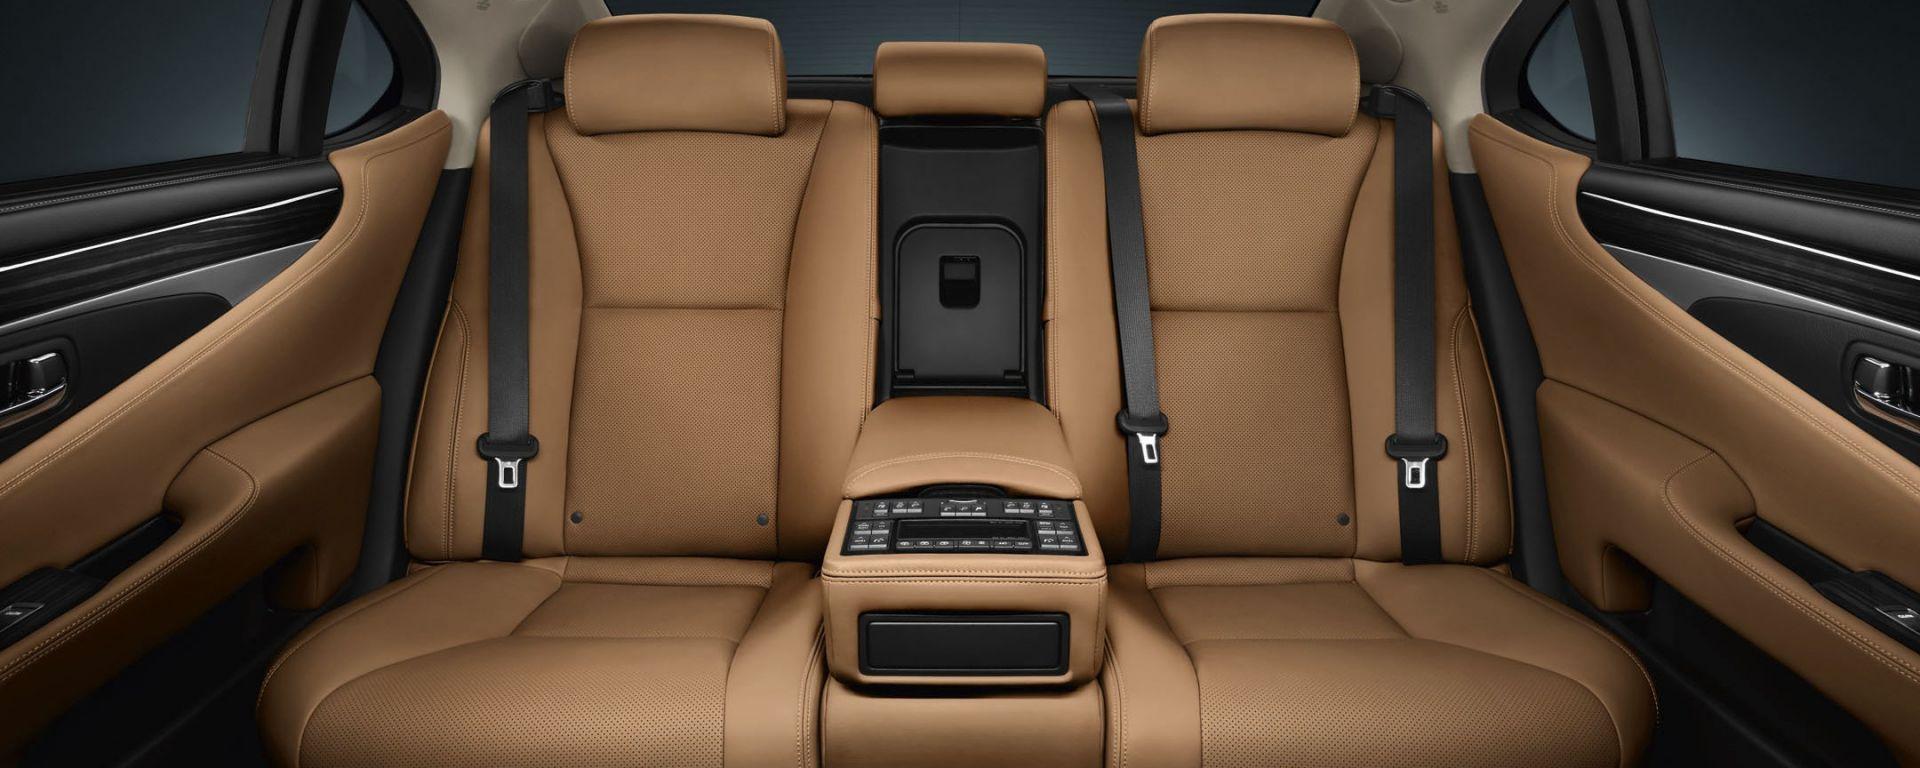 Lexus LS 2013, le nuove foto ufficiali